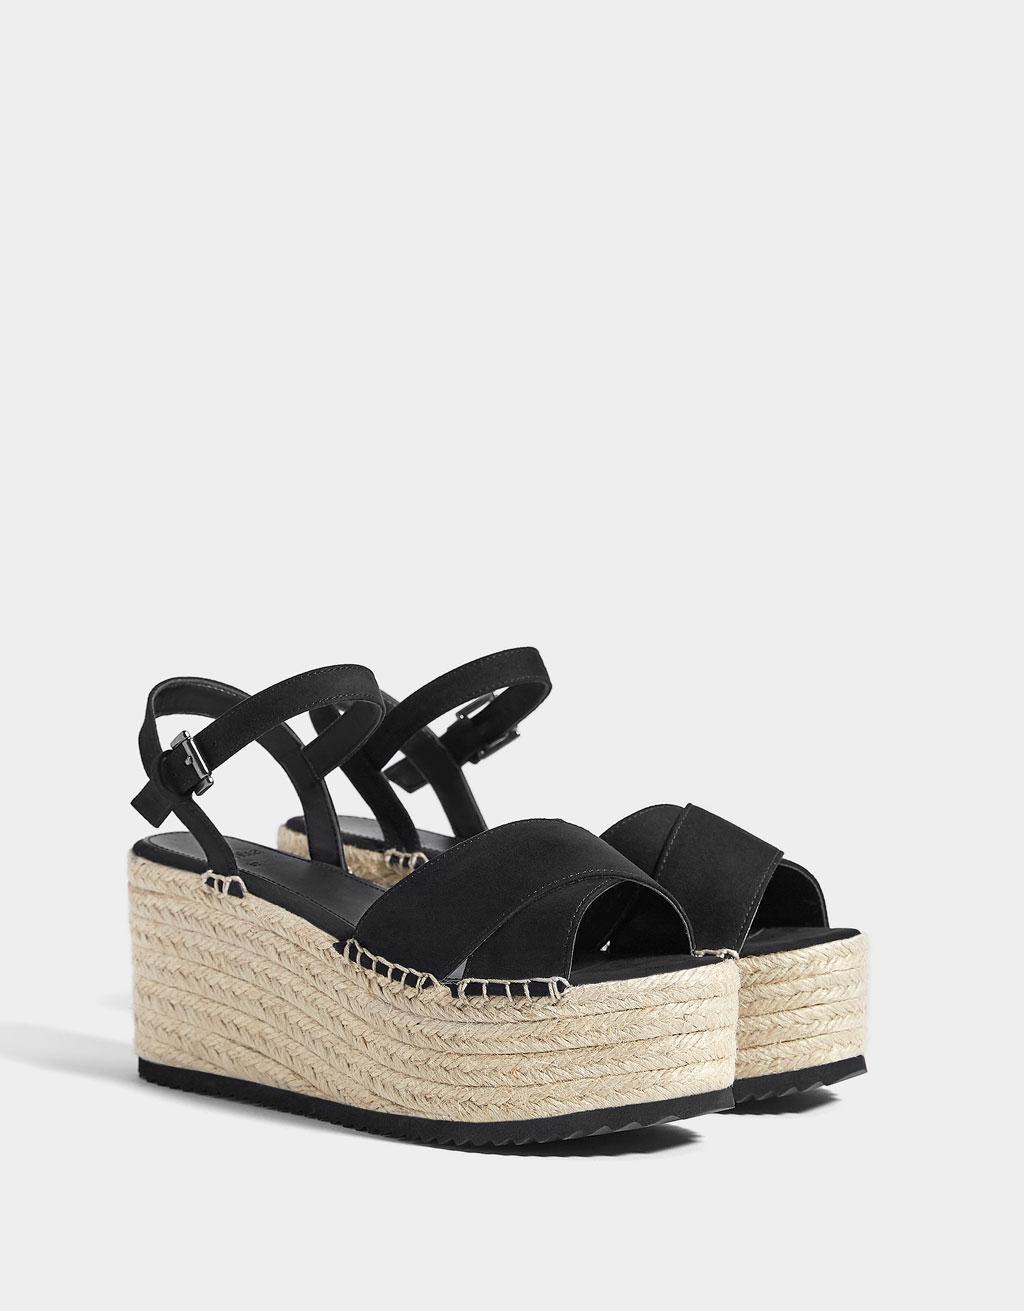 Jutové sandále na platforme čiernej farby